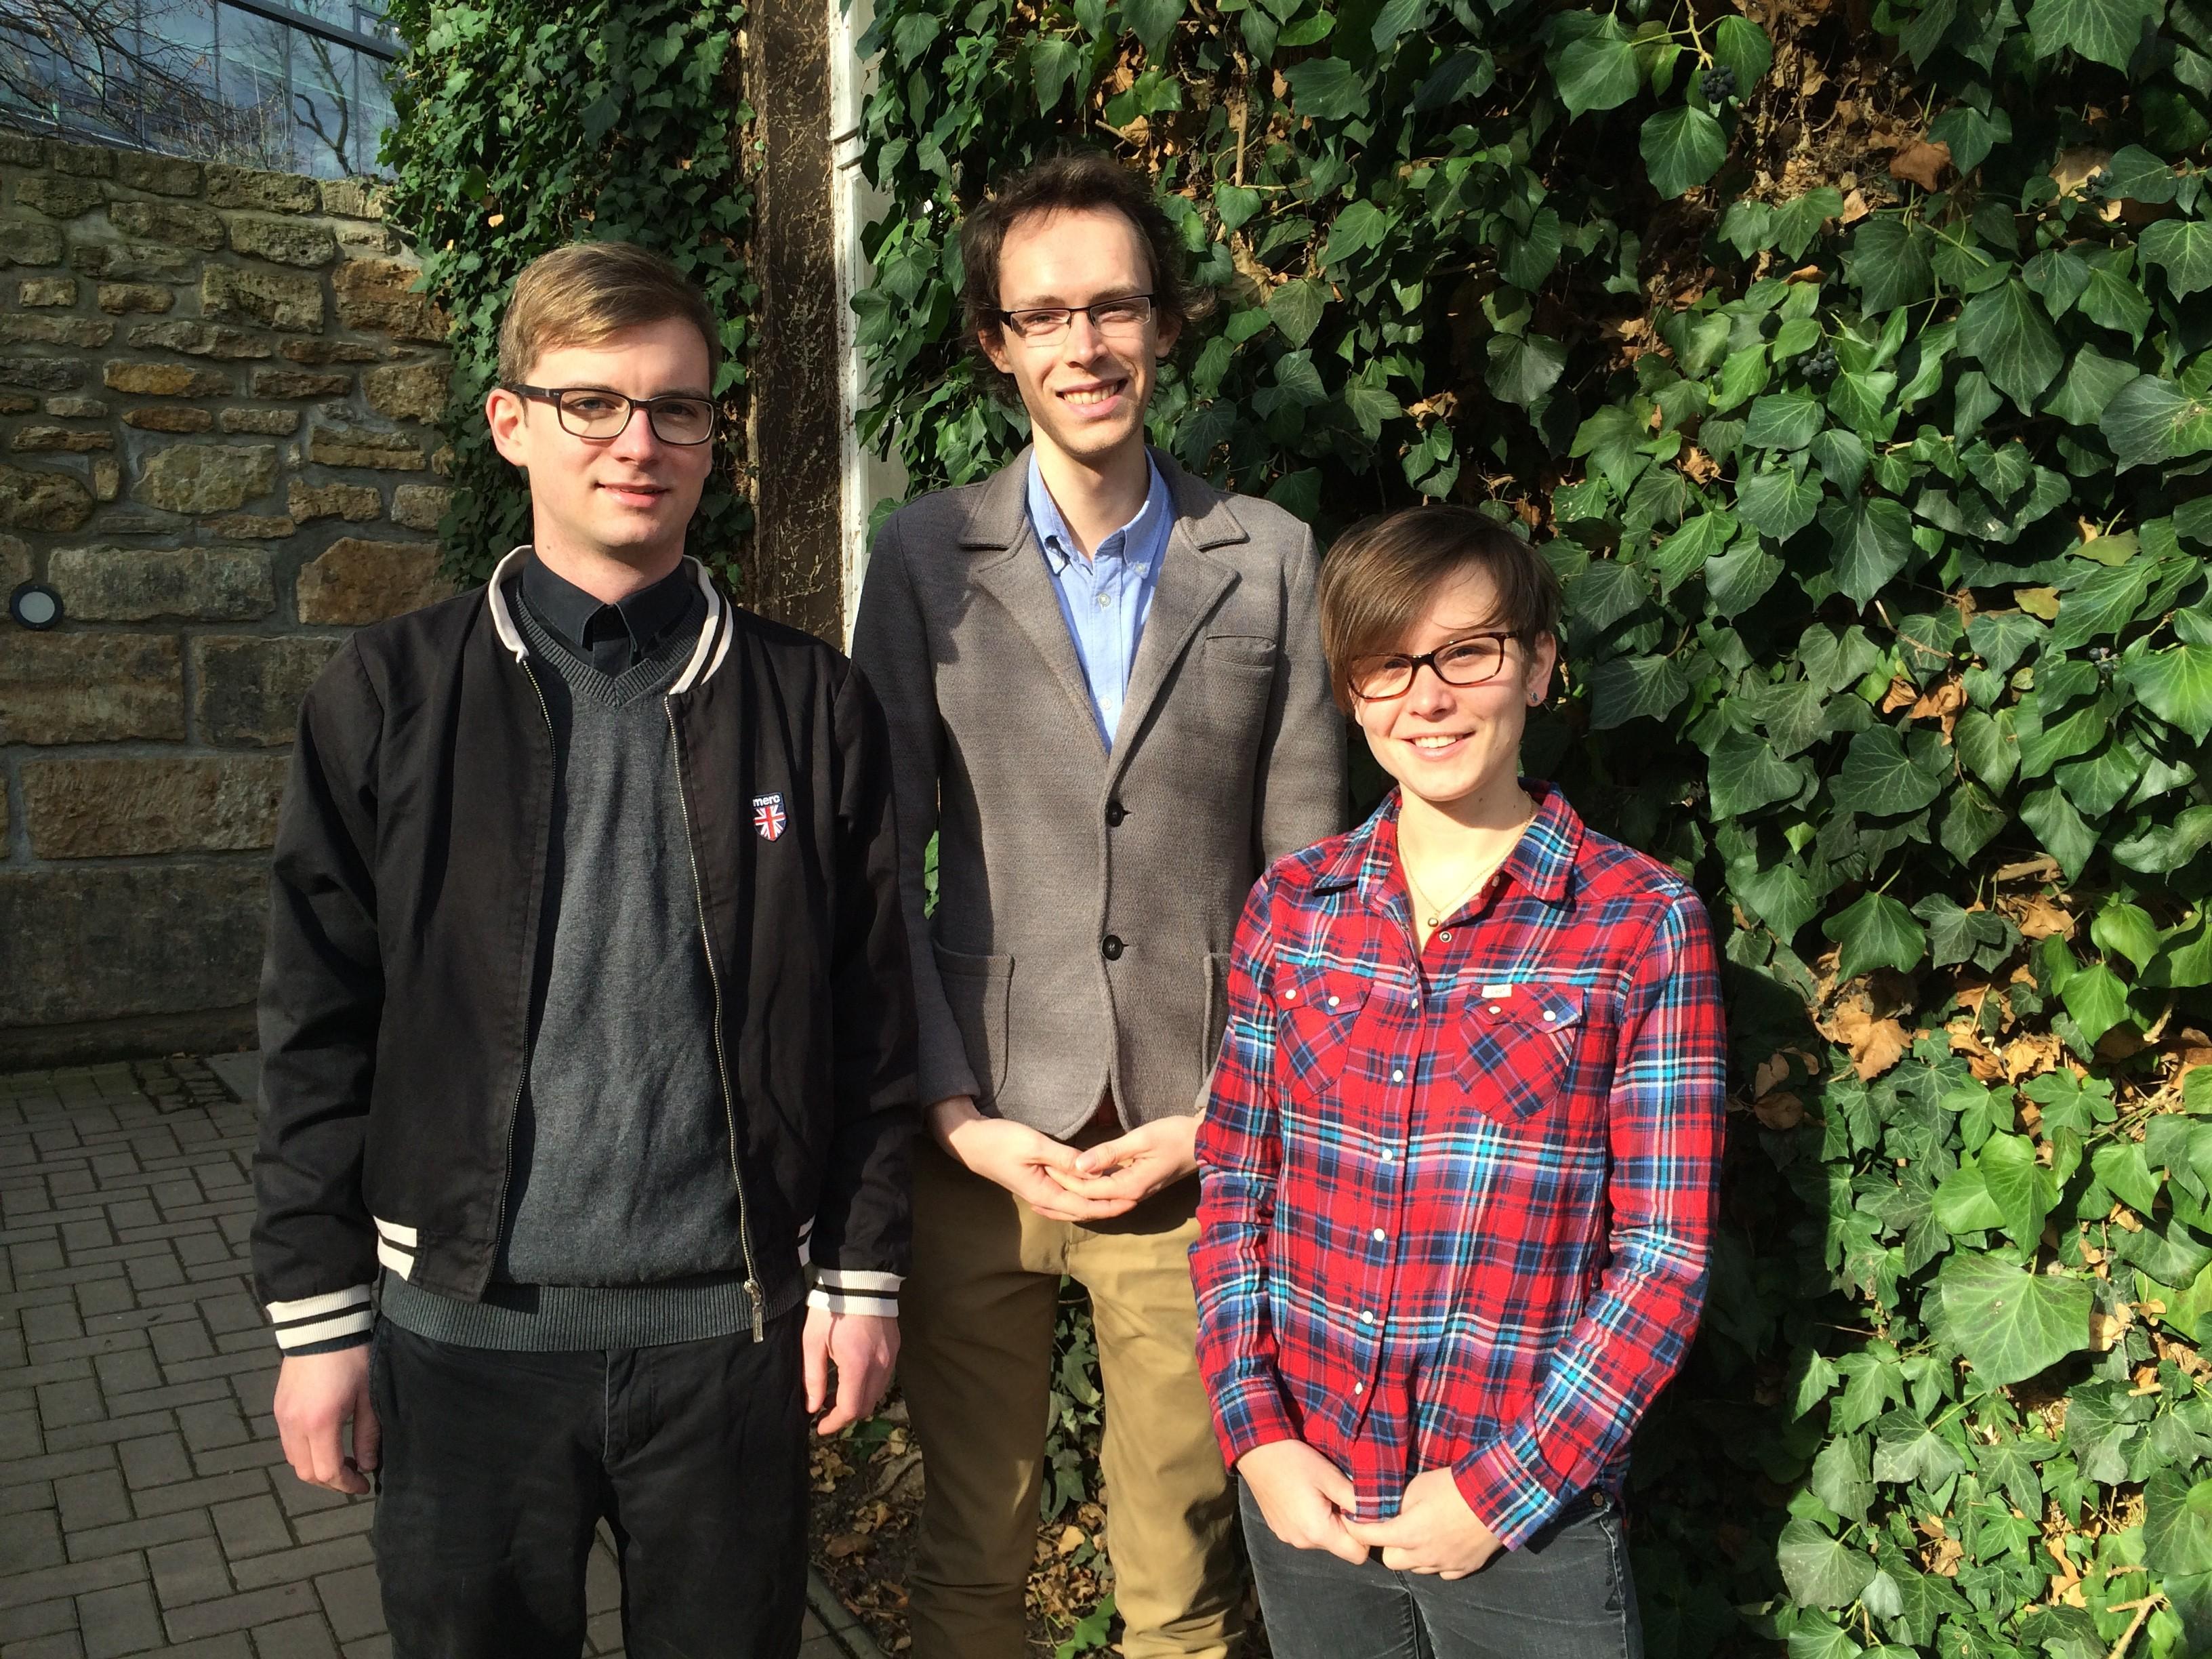 Das Team: Robert Pursche, Benedikt Rothhagen und Svea Lehmann.